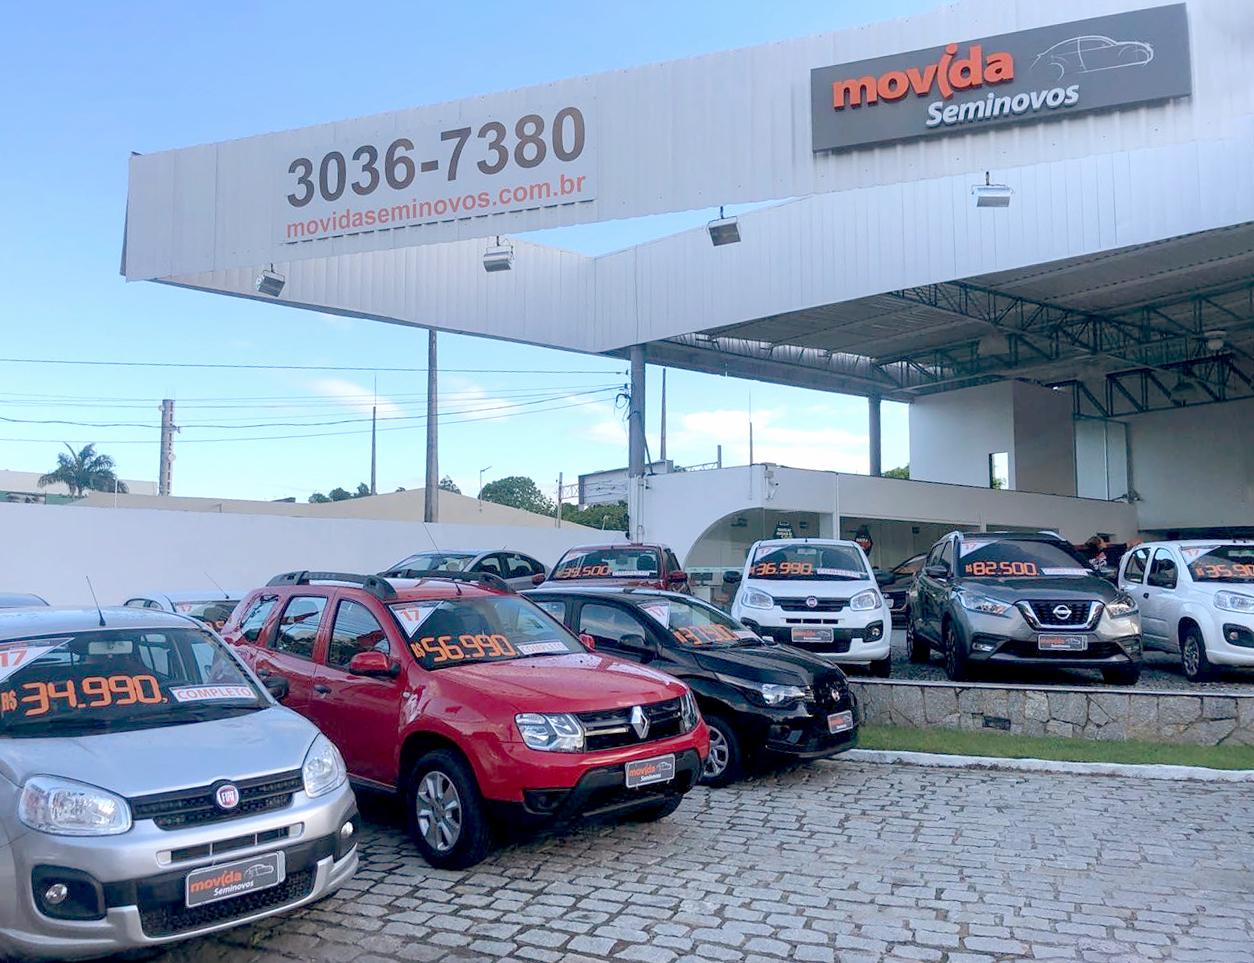 Os carros usados de locadora podem ser uma boa comprar pois têm vários diferenciais - como menor preço e garantia - mas também há contras.